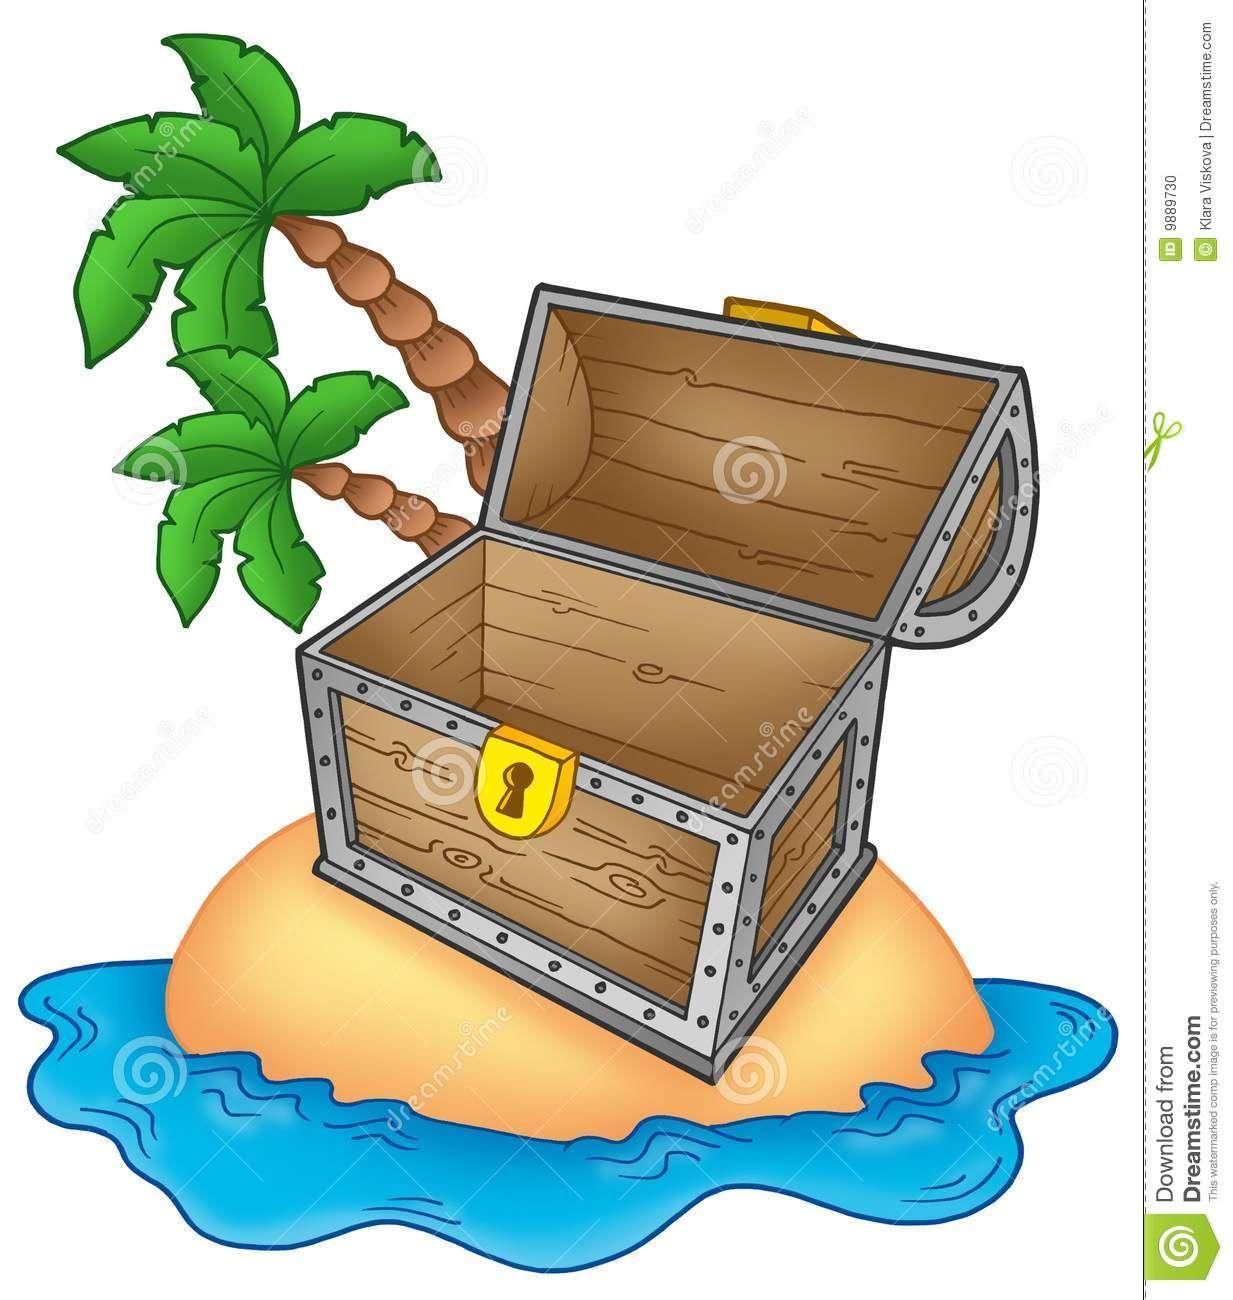 Pirate ouvert d 39 le d 39 illustration de couleur de coffre - Dessin de coffre de pirate ...